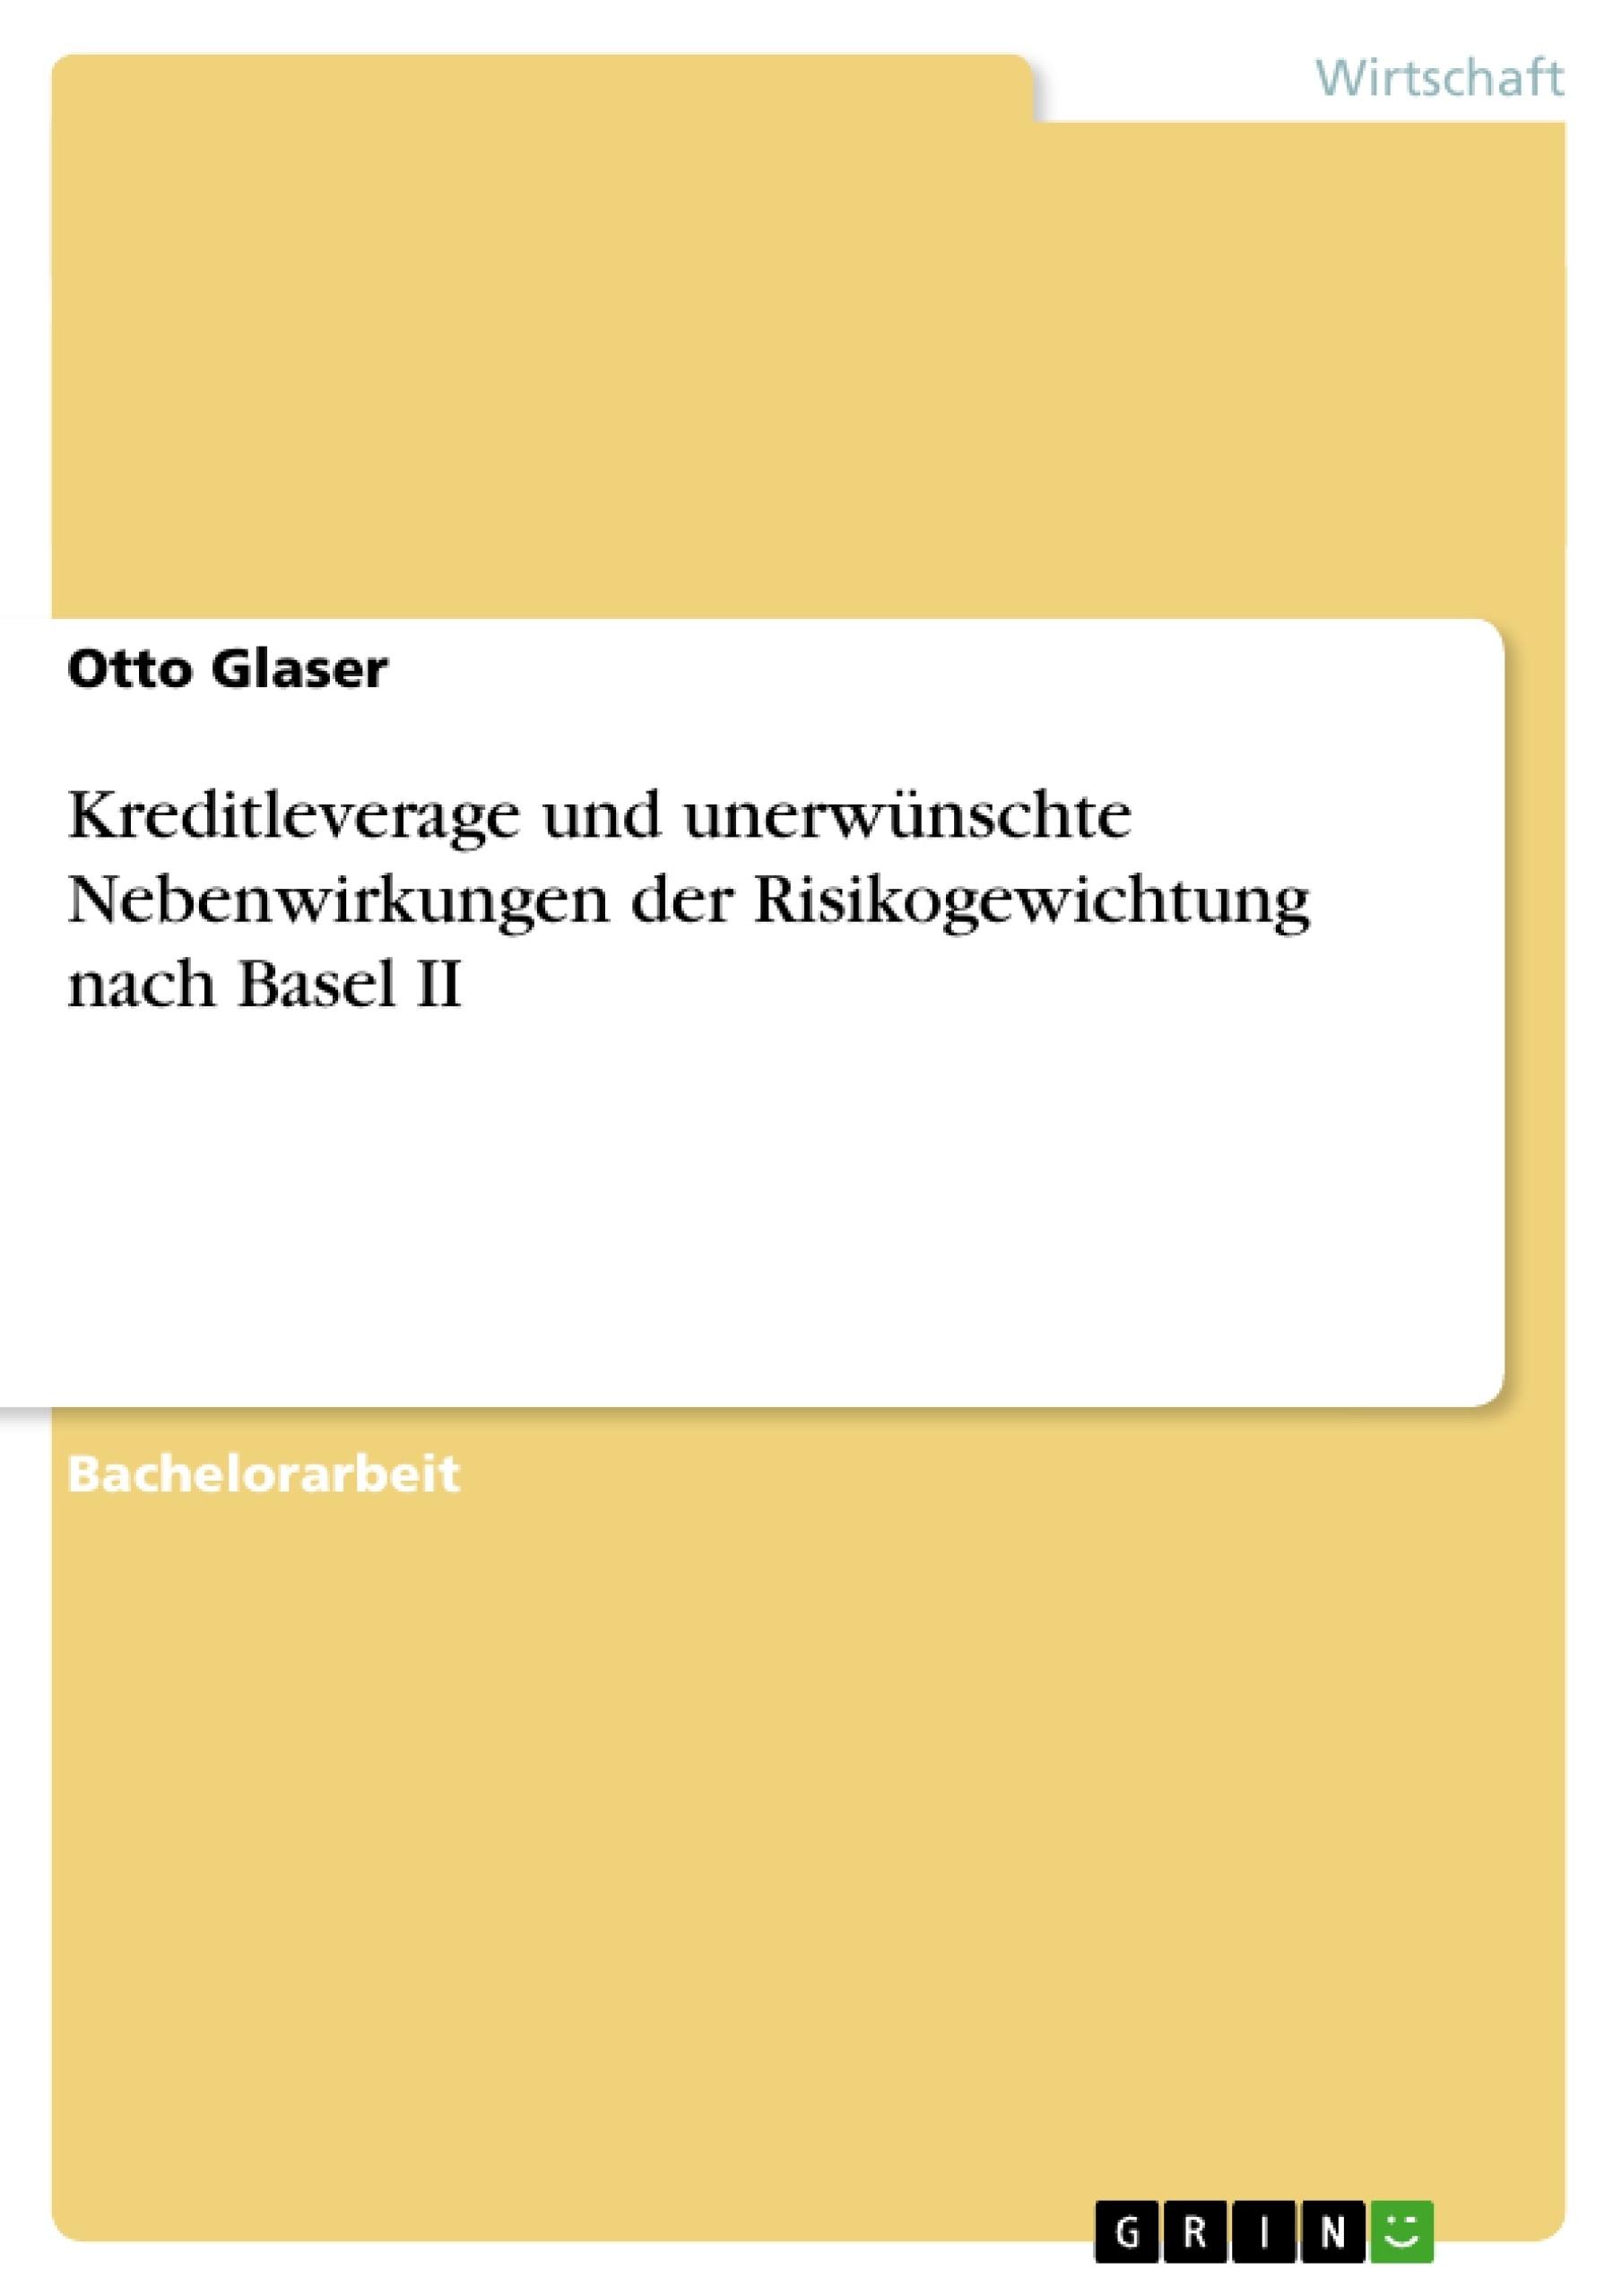 Titel: Kreditleverage und unerwünschte Nebenwirkungen der Risikogewichtung nach Basel II